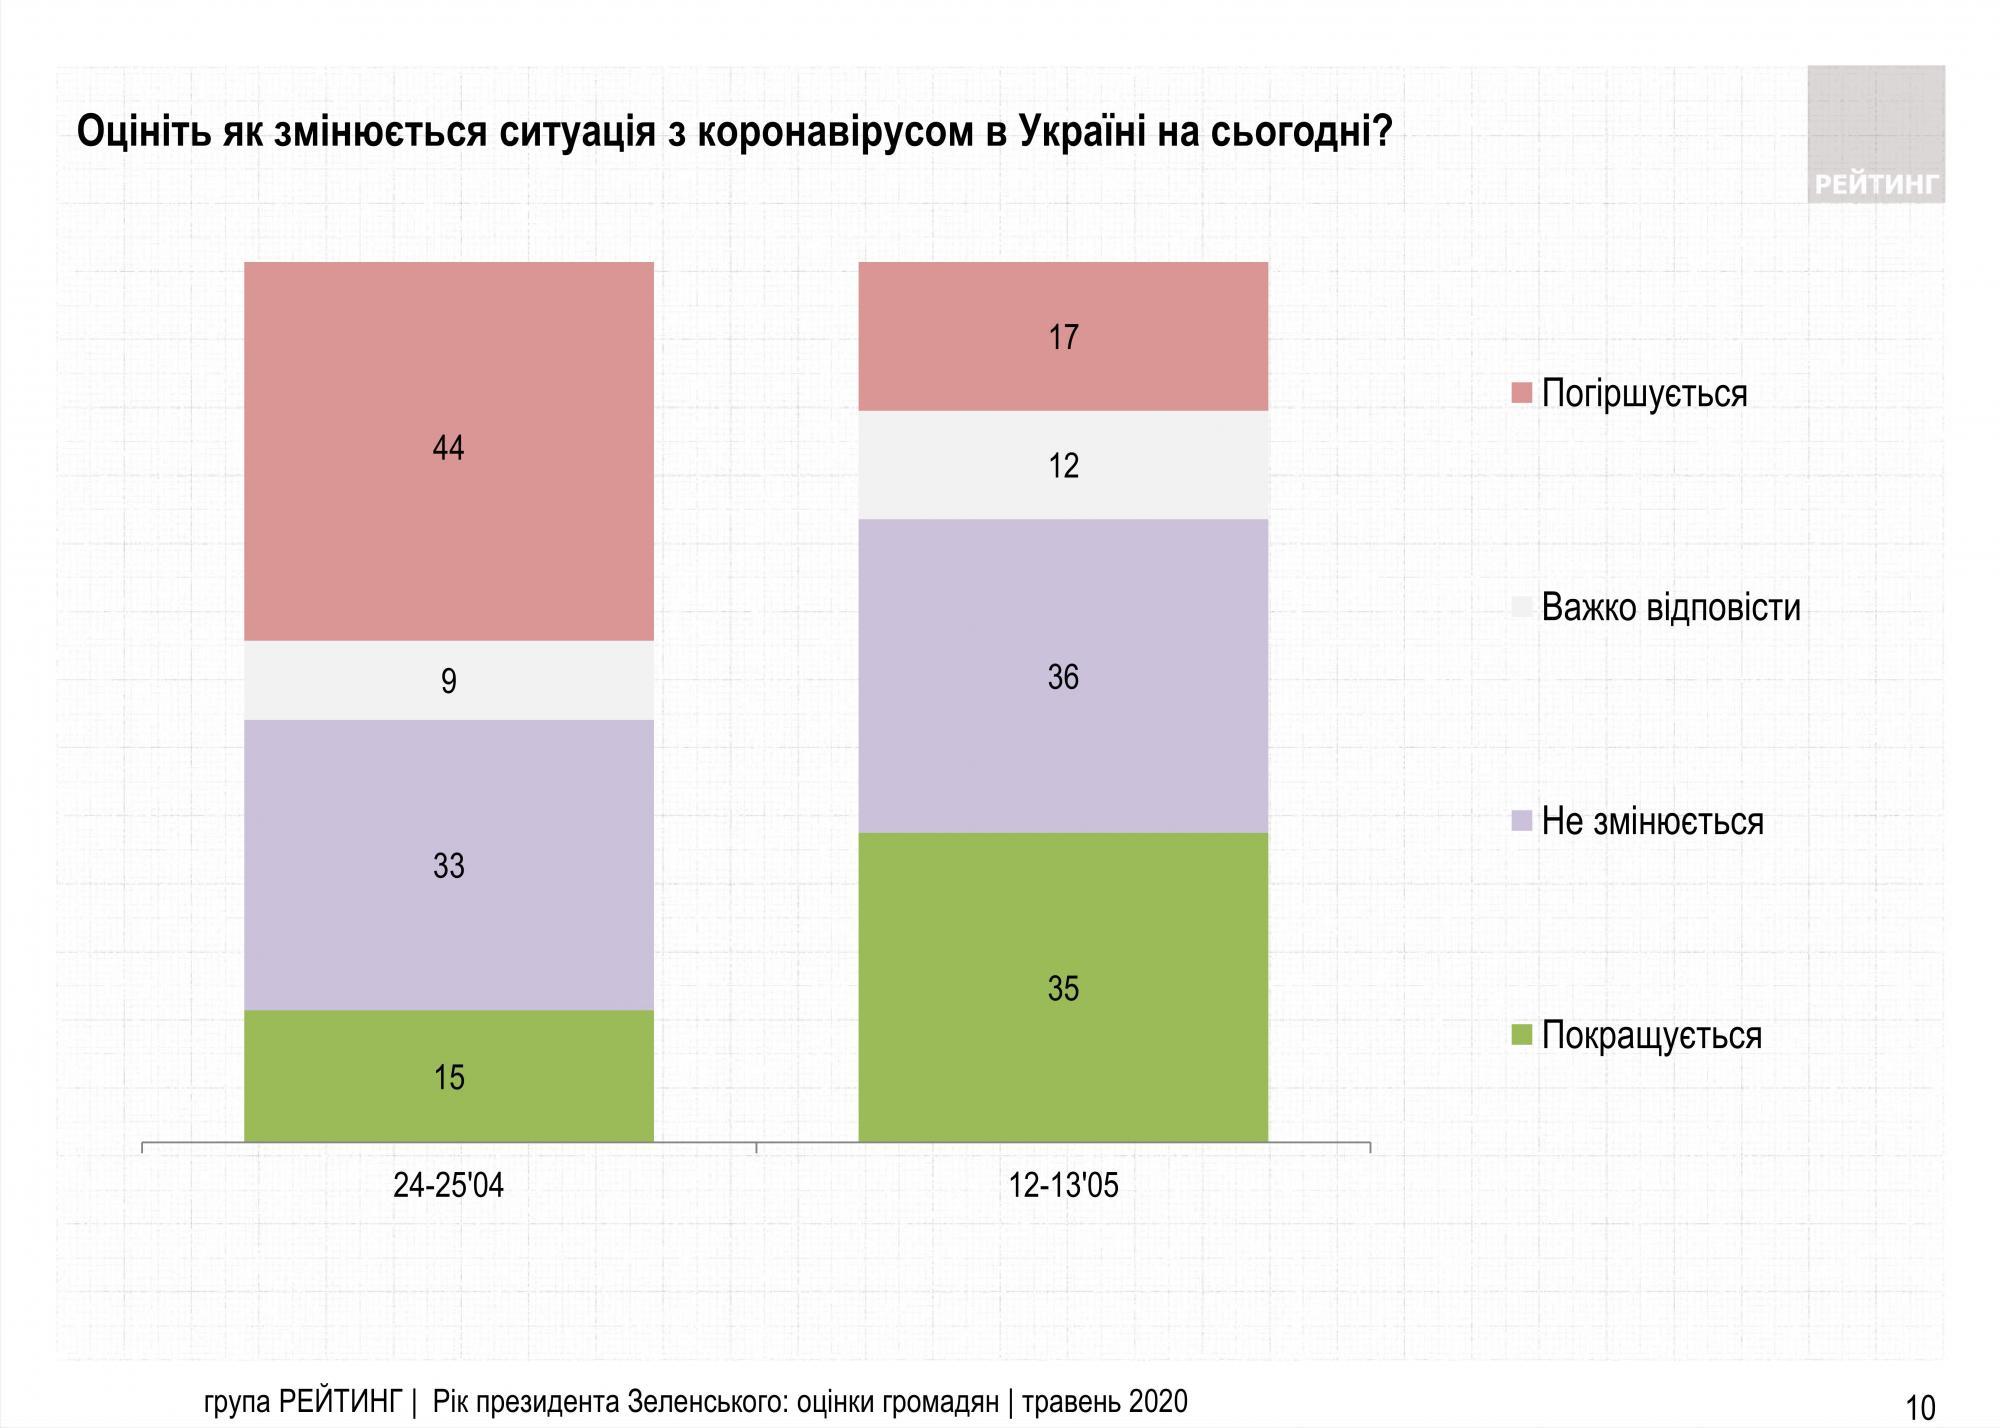 Украинцы резко улучшили оценку ситуации с коронавирусом